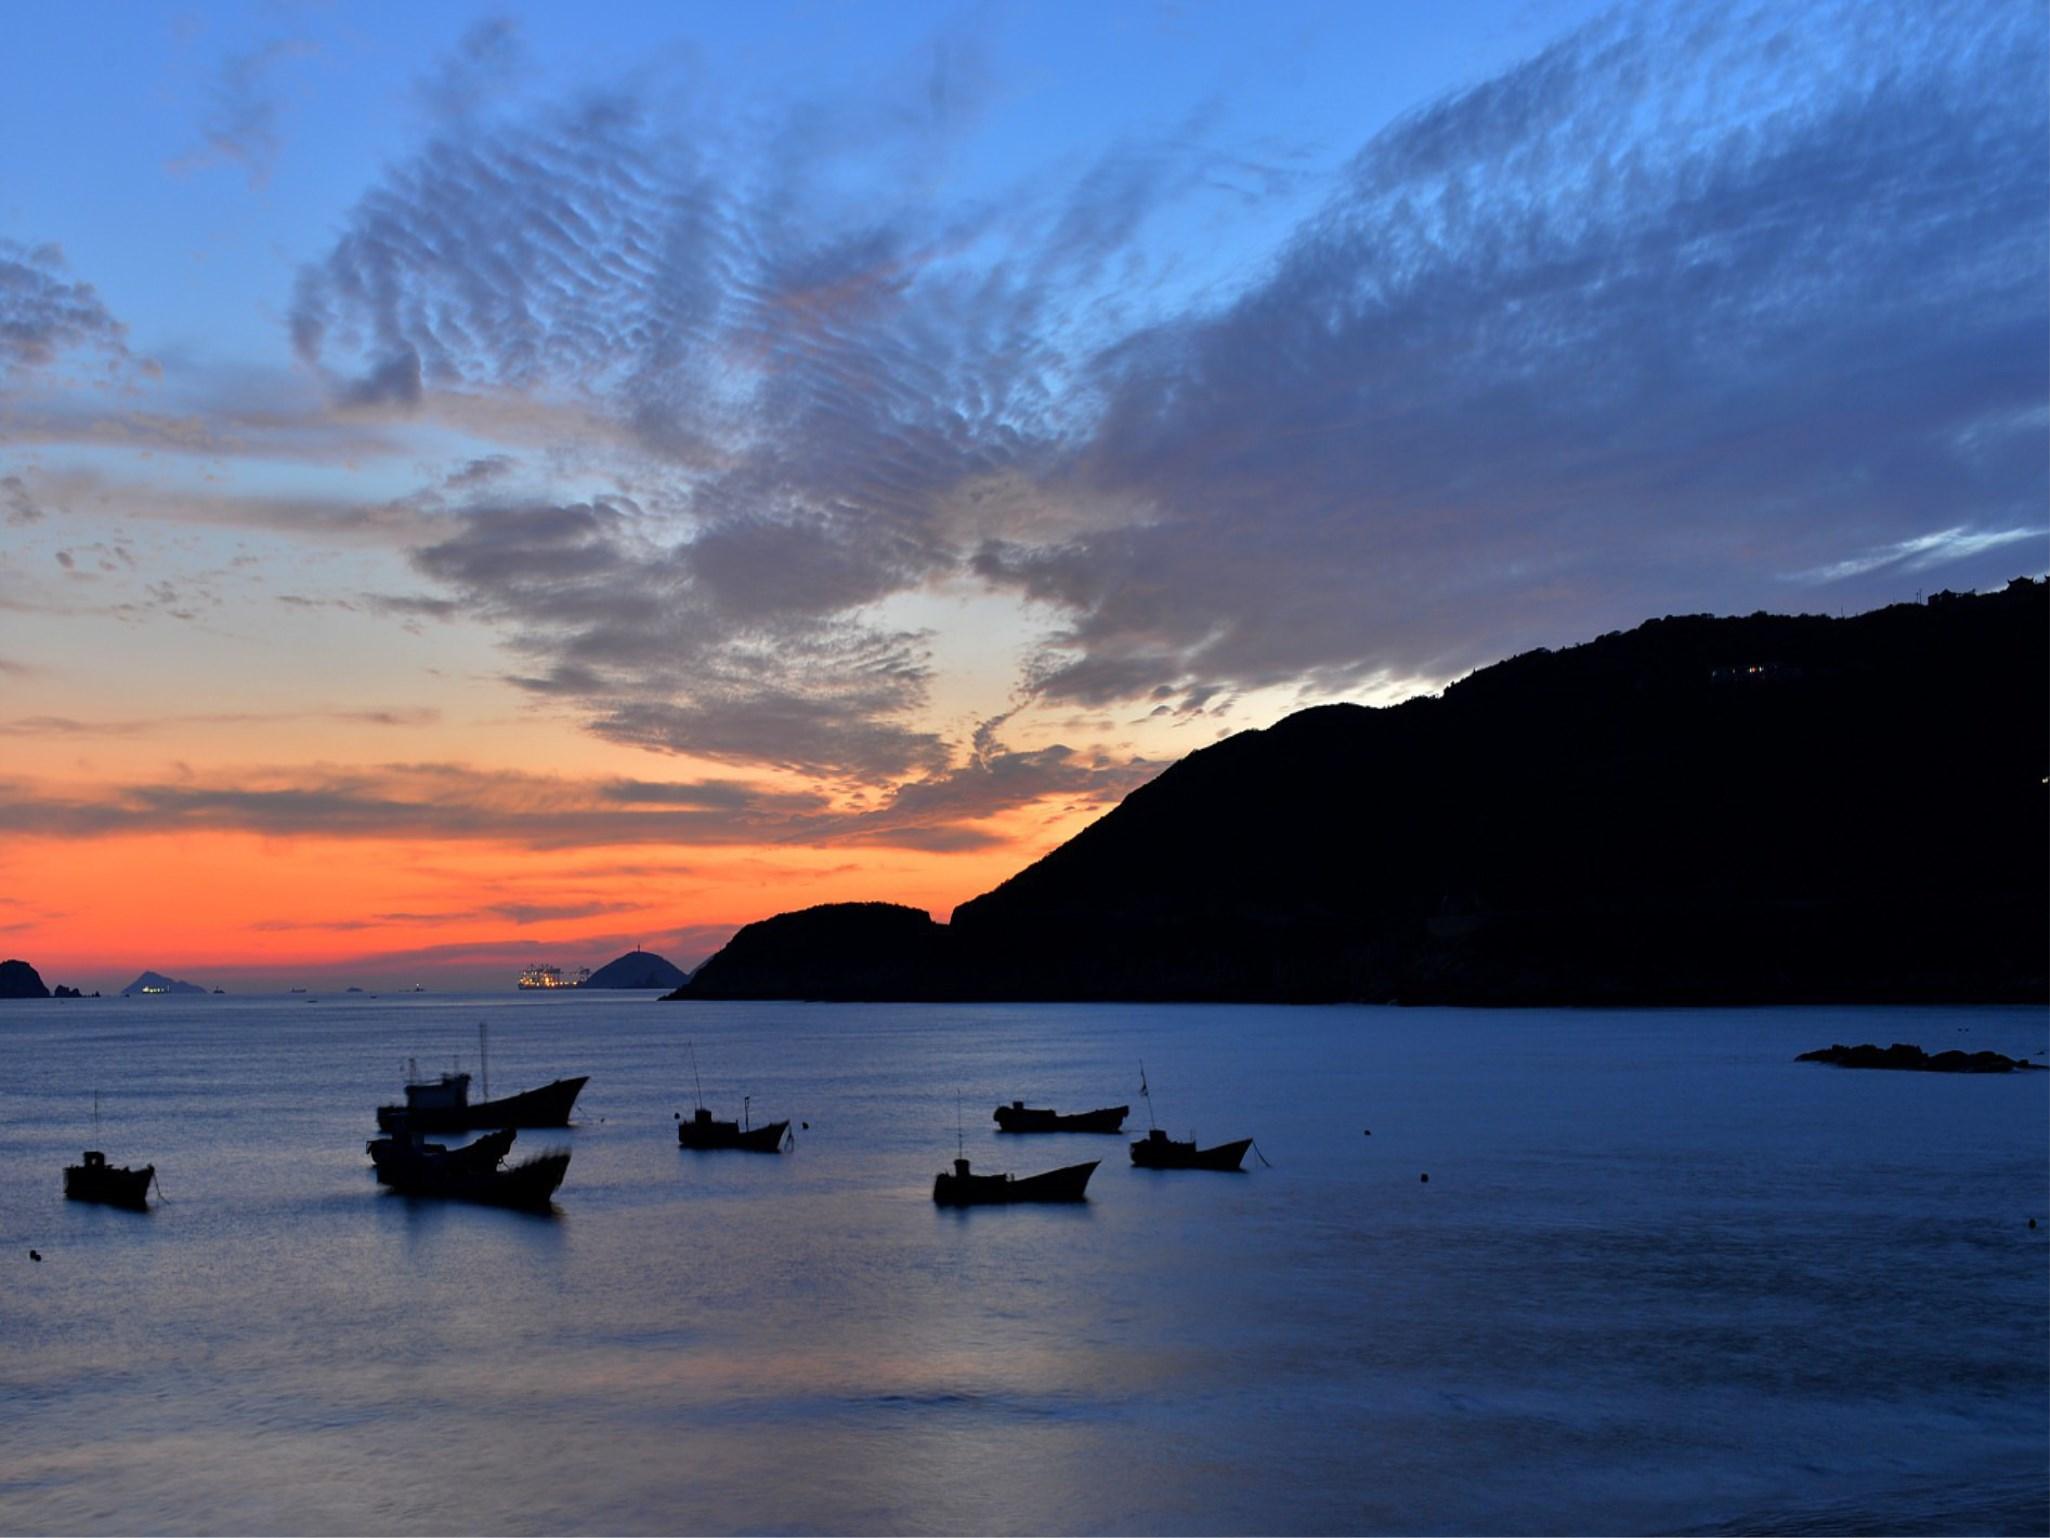 蓝色嵊泗沙滩漫步大巴2日1晚半自助跟团游